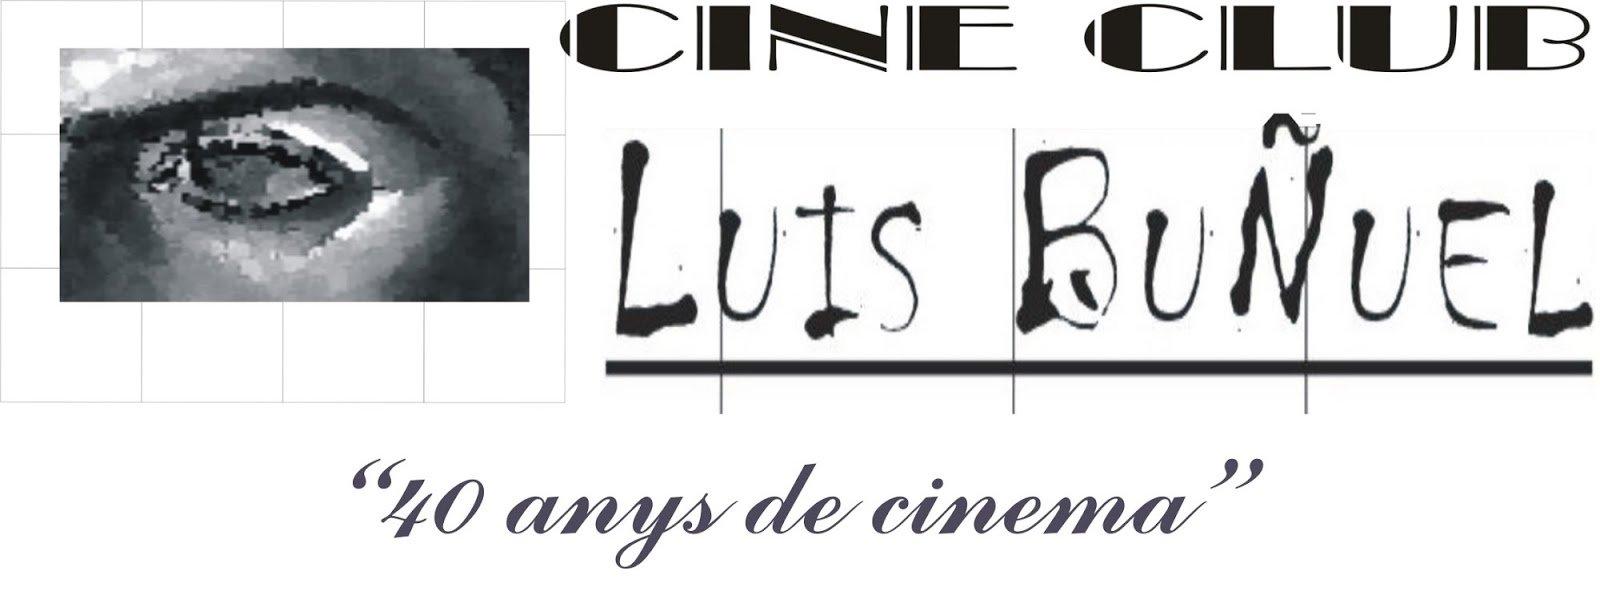 Cineclub Luis Buñuel